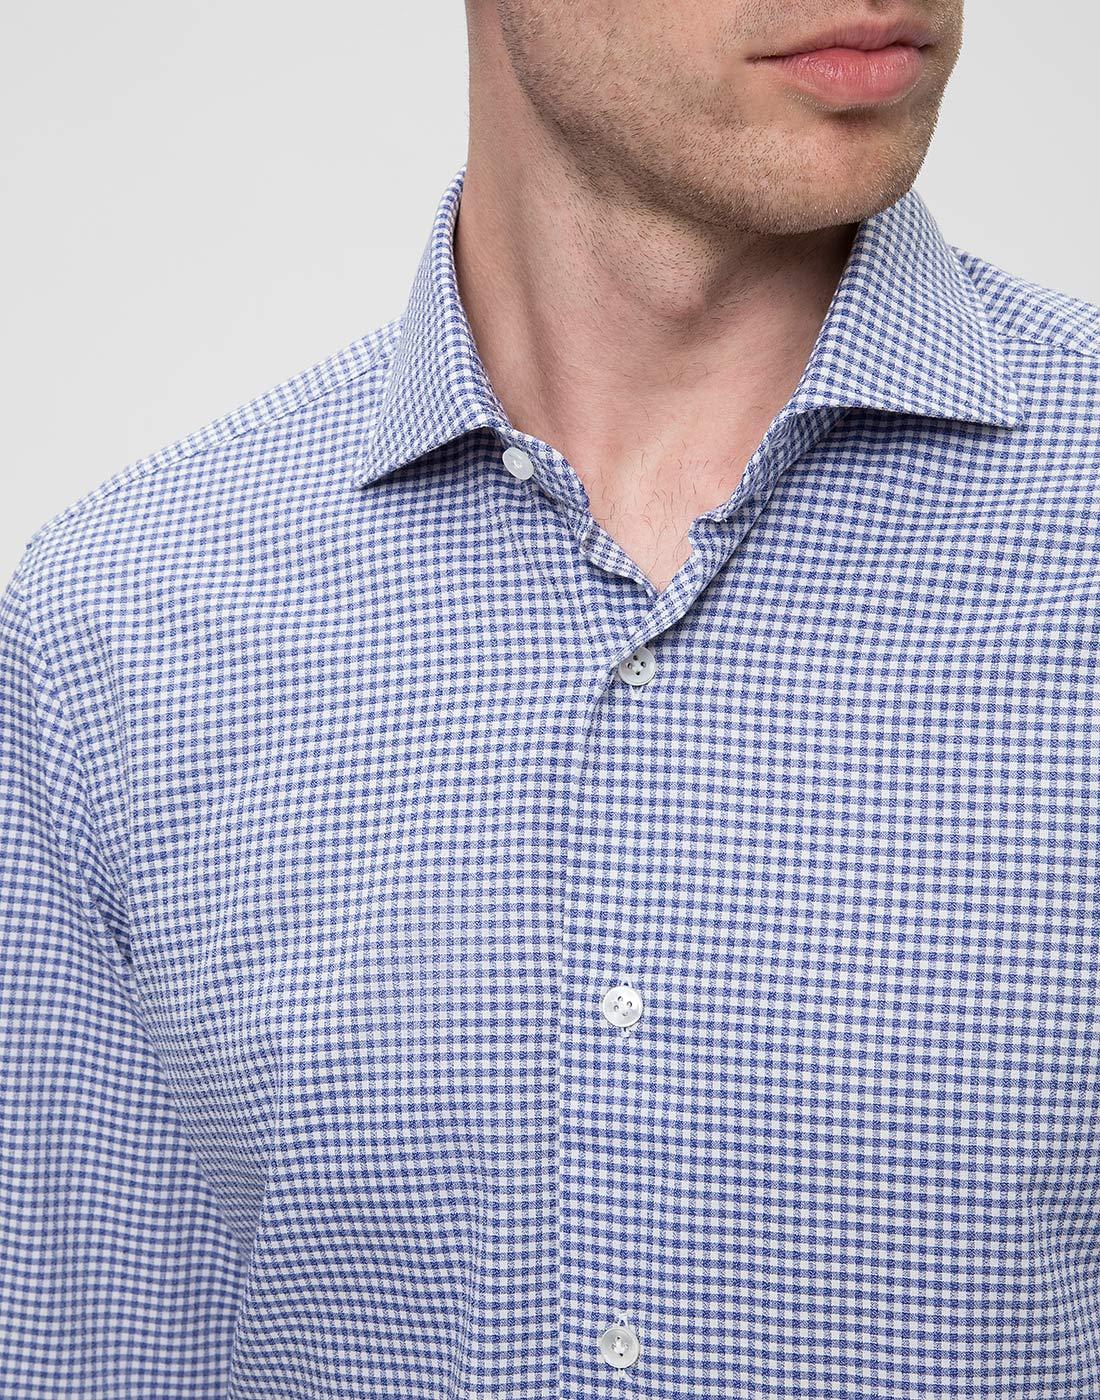 Мужская голубая рубашка в клетку Barba SK4U132599301W-6